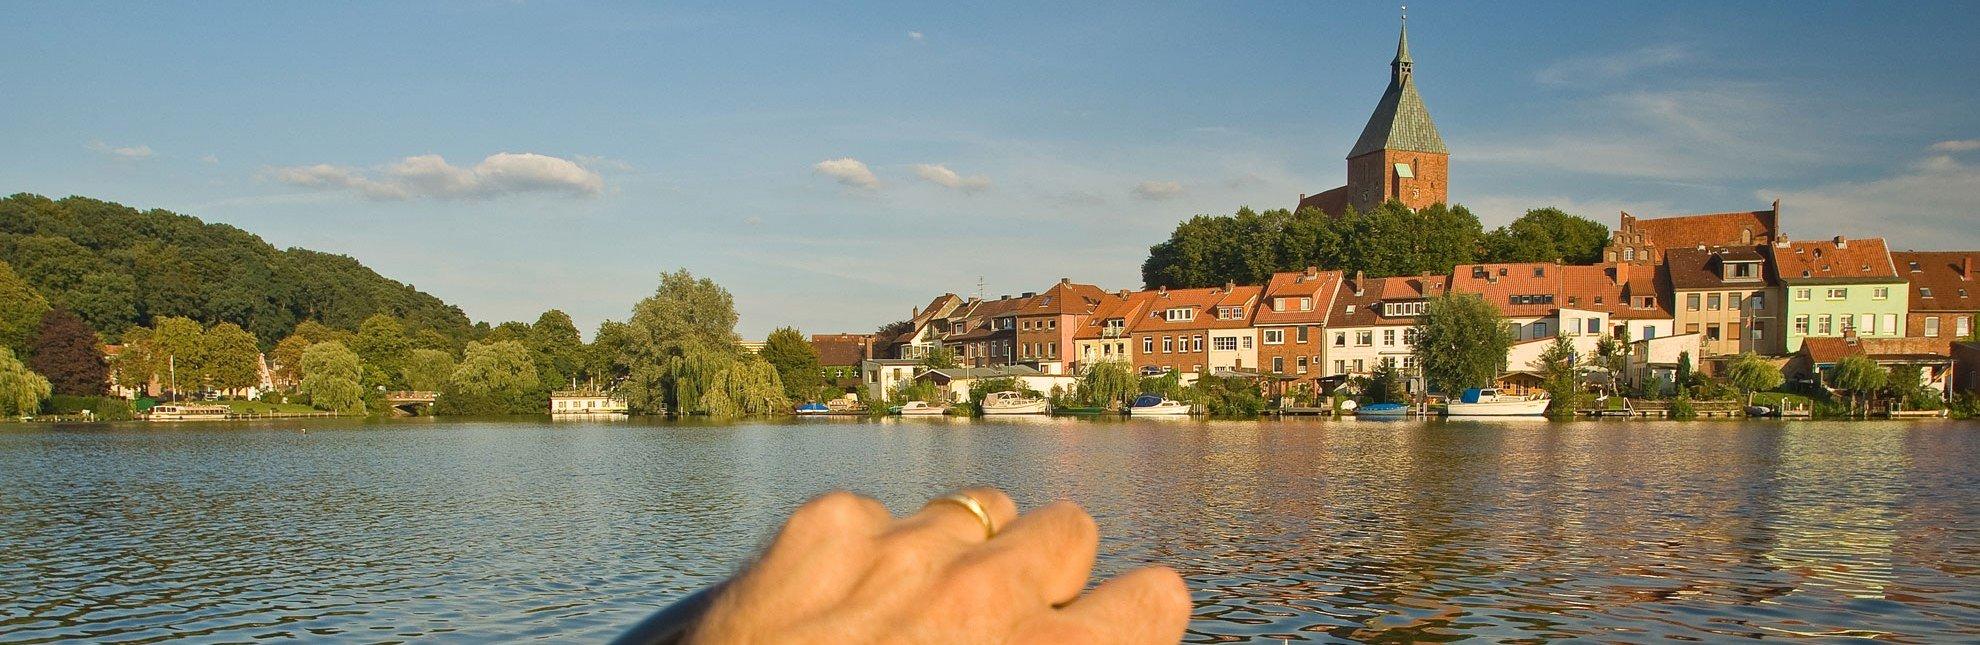 Altstadtblick auf Mölln über den Stadtsee vom Boot aus, © Thomas Ebelt / Mölln Tourismus